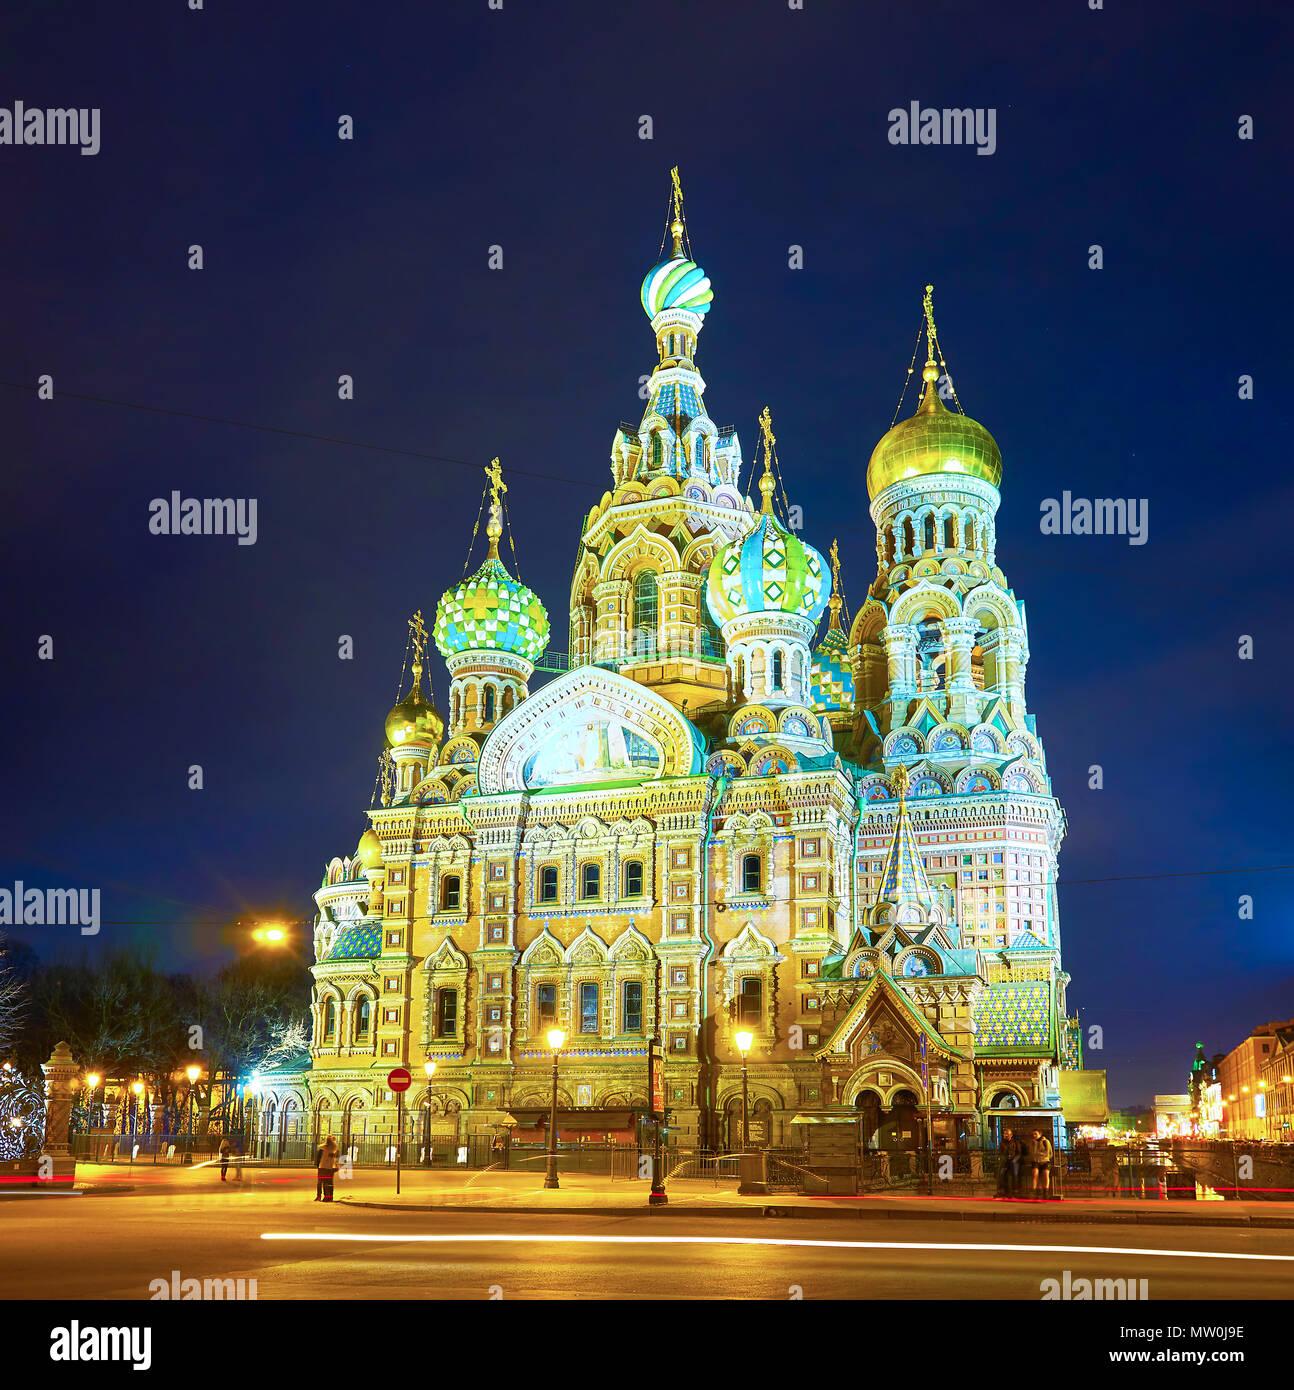 Sankt Petersburg, Russland - 26 April 2015: Die schöne Kirche des Erlösers auf Blut mit schönen Stadt Beleuchtung, die am 26. April in St. Petersbu Stockbild